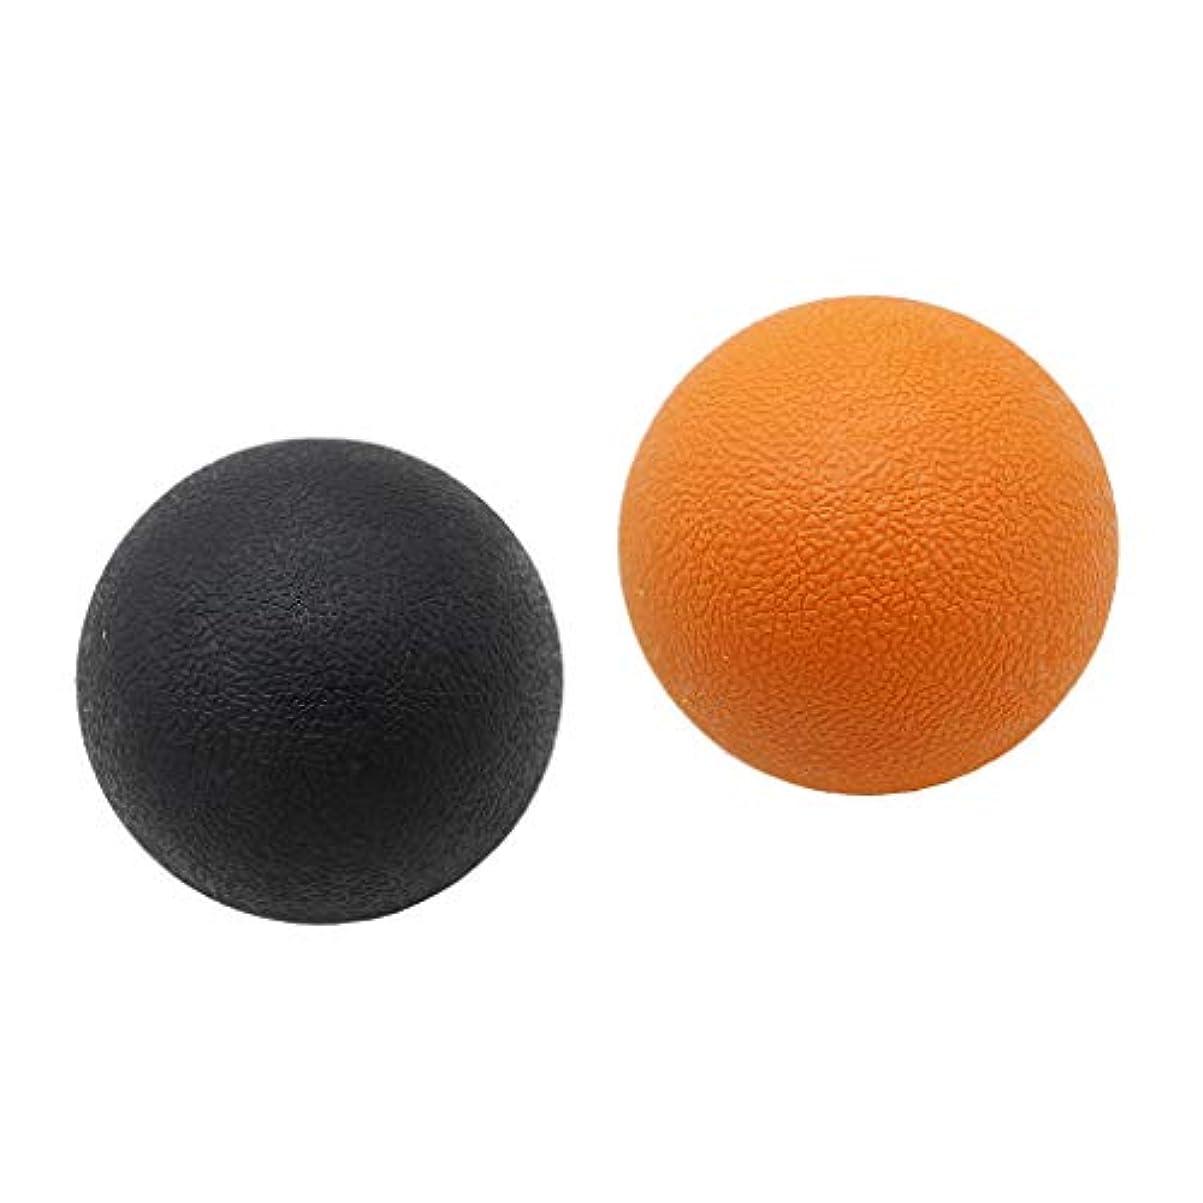 フルーツ野菜ホール揺れるマッサージボール トリガーポイント ストレッチボール トレーニング 背中 肩 腰 マッサージ 多色選べる - オレンジブラック